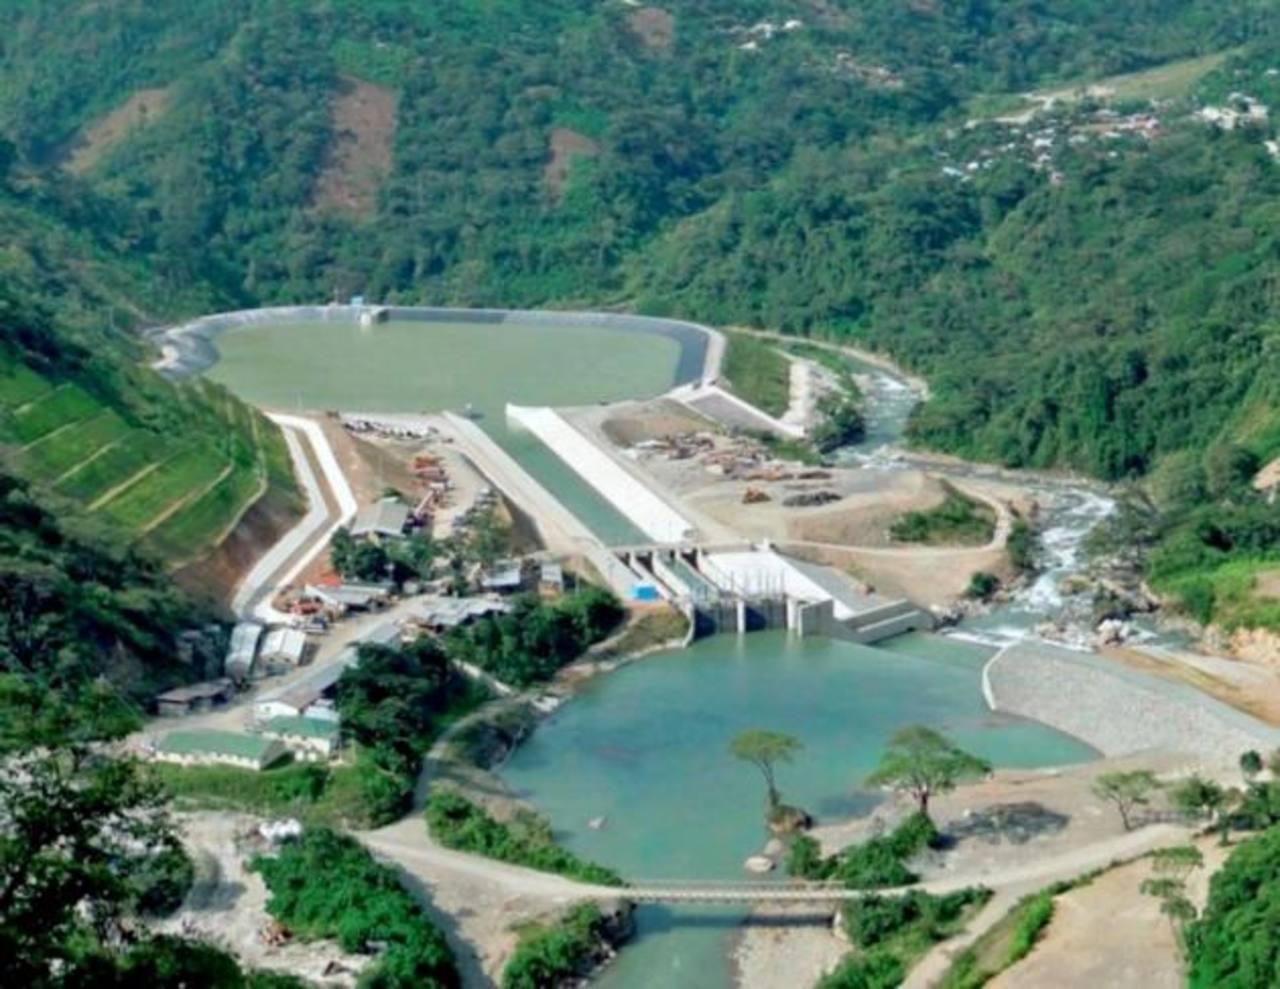 El Ministerio de Energía y Minas de Guatemala sostiene que la generación hidroeléctrica en el país pasará de representar el 38.1% este año al 41.3% en mayo de 2017, según informó el diario Prensa Libre.